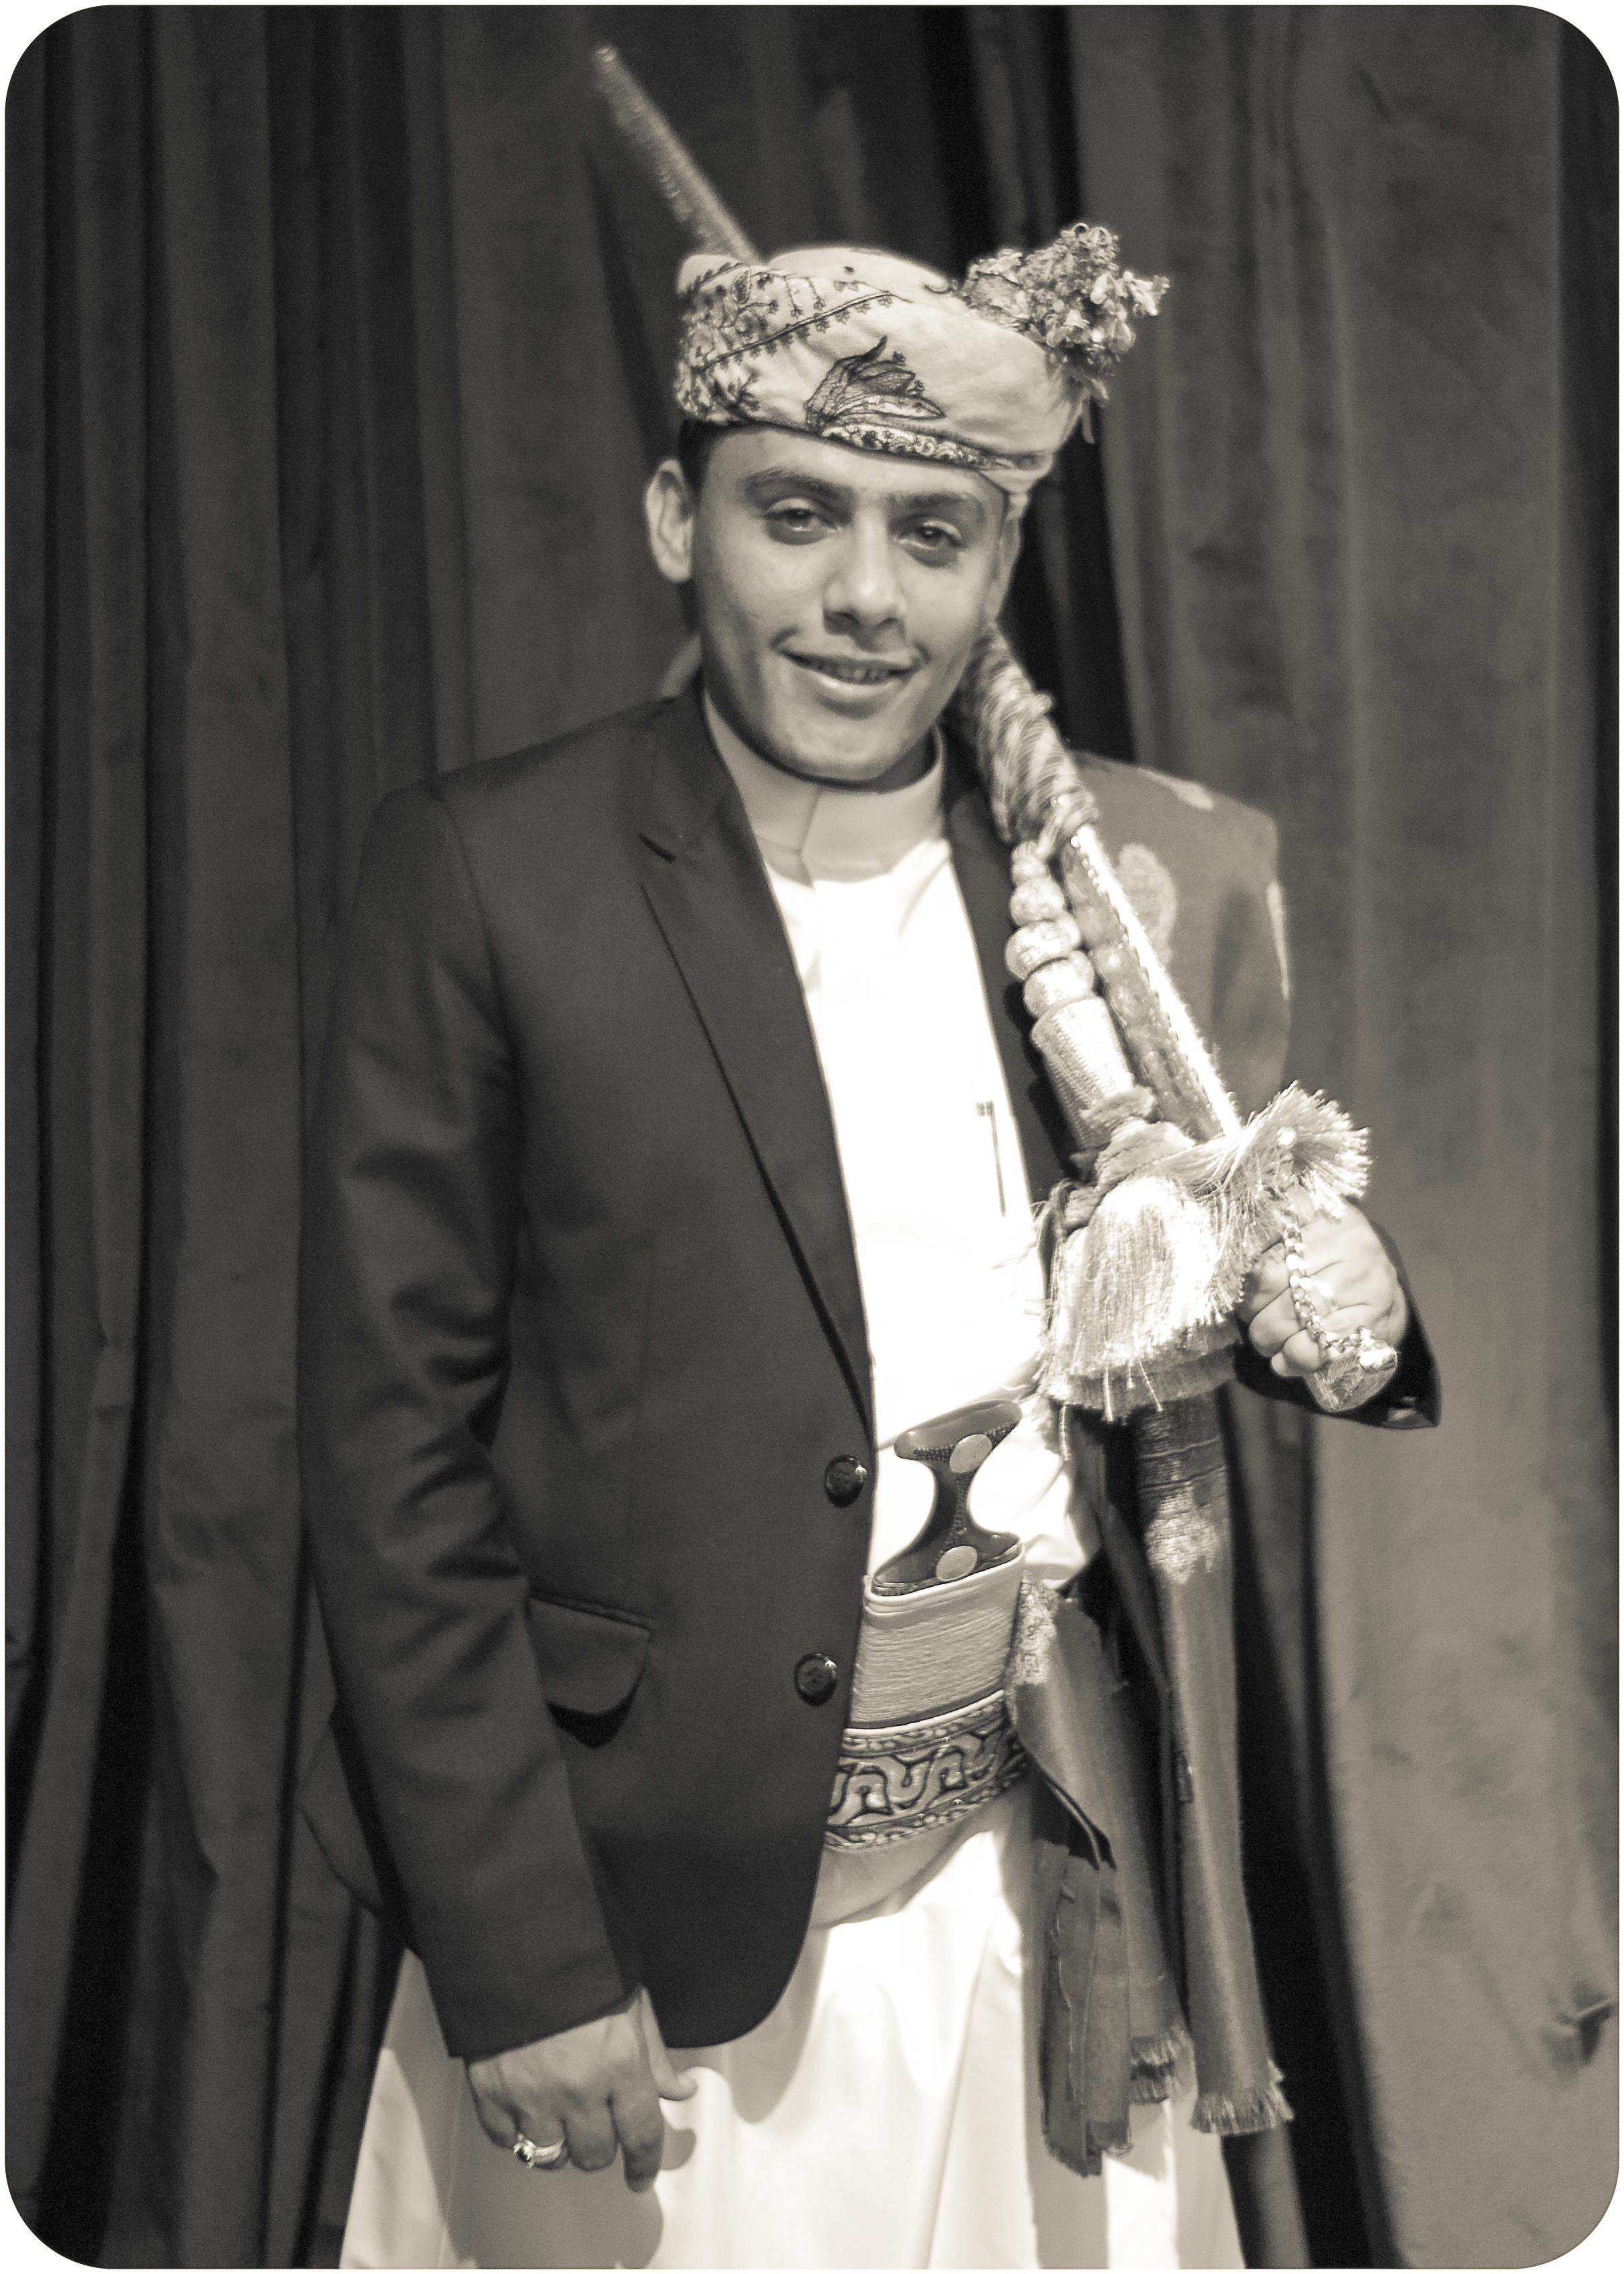 Fathil Abdulrahman Rashed